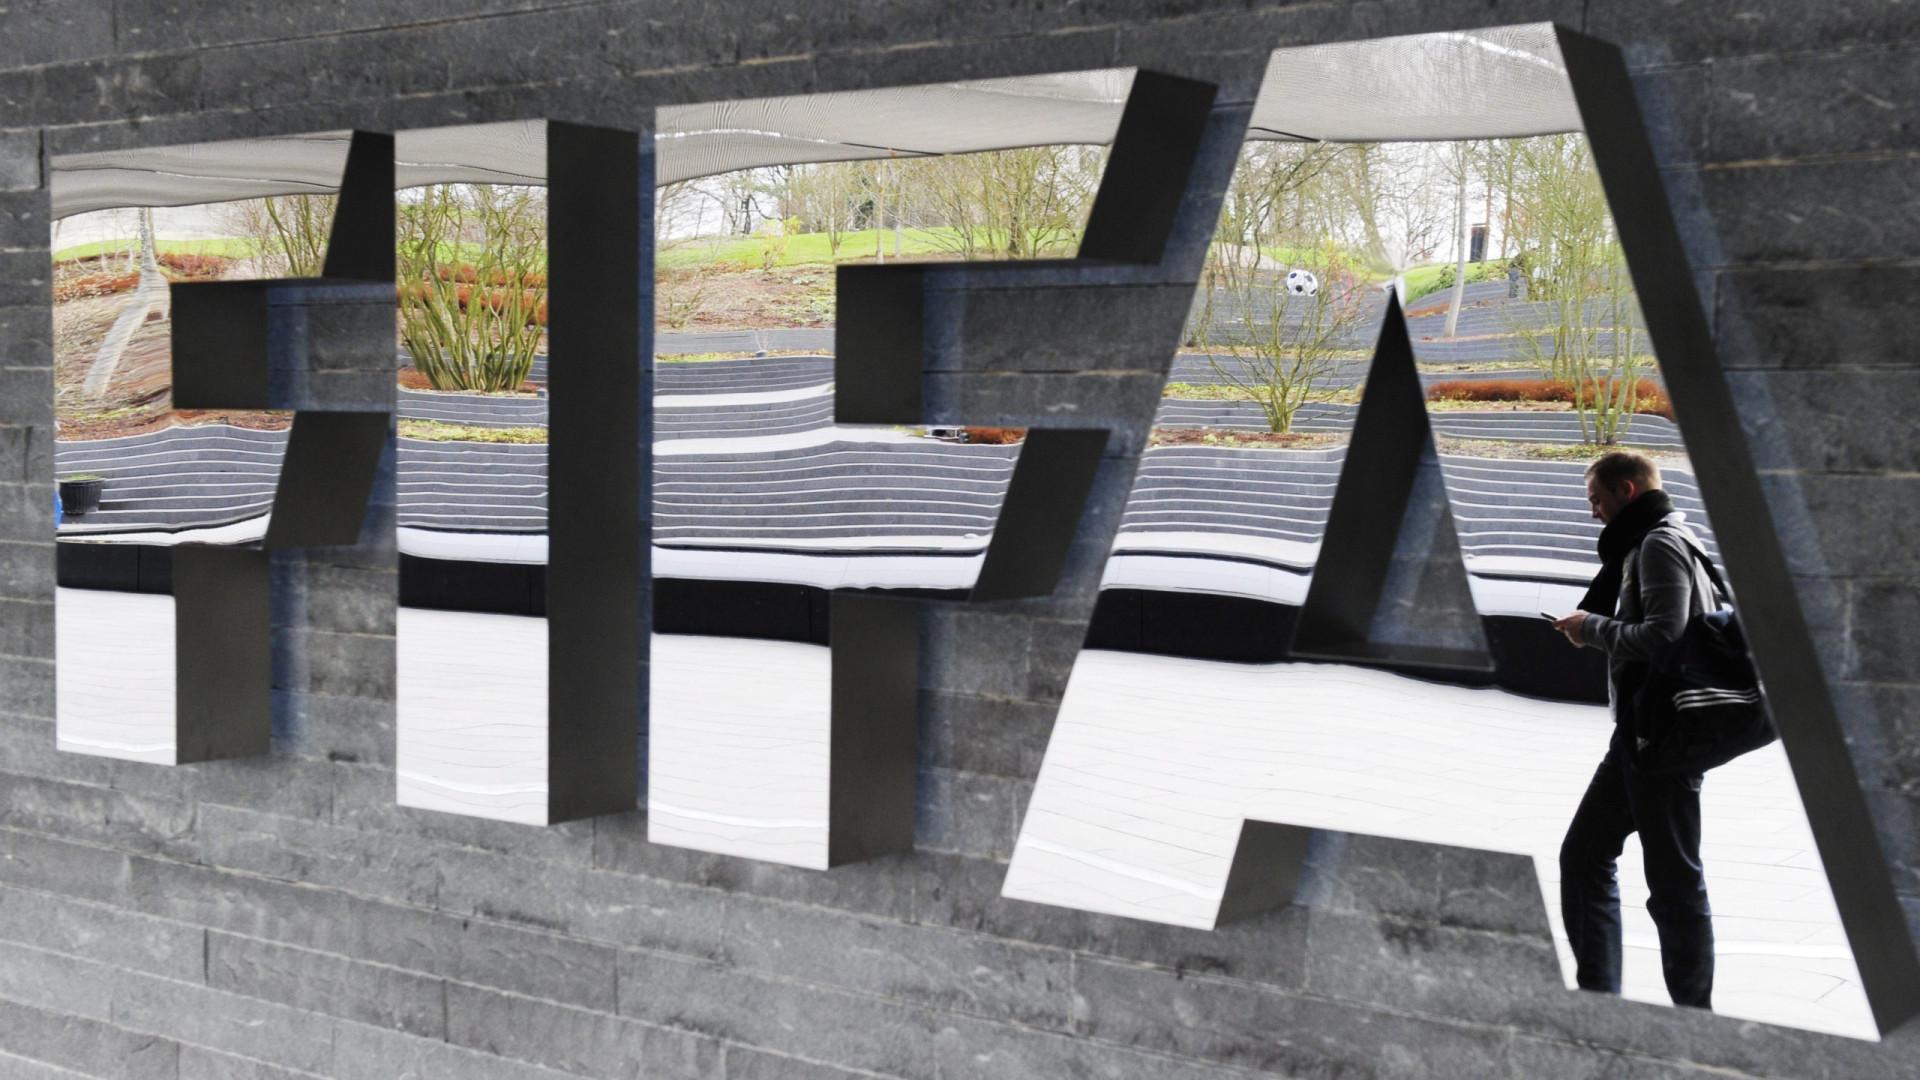 FIFA recebe quase 3,5 milhões de pedidos de bilhetes para o Mundial'2018